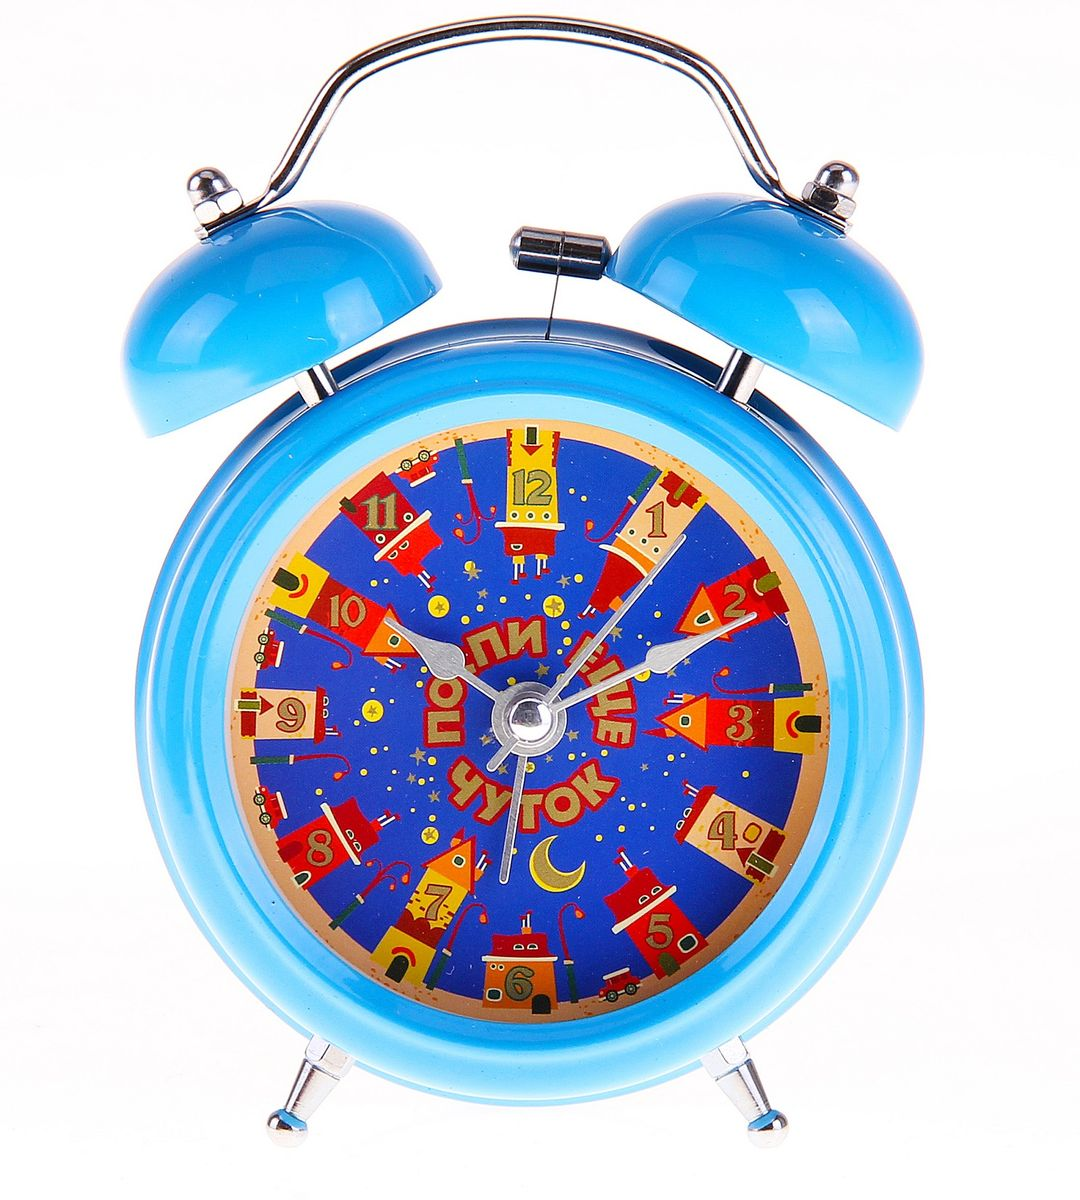 Часы-будильник Sima-land Поспи еще чуток728396Как же сложно иногда вставать вовремя! Всегда так хочется поспать еще хотя бы 5 минут и бывает, что мы просыпаем. Теперь этого не случится! Яркий, оригинальный будильник Sima-land Поспи еще чуток поможет вам всегда вставать в нужное время и успевать везде и всюду.Корпус будильника выполнен из металла. Циферблат оформлен ярким рисунком и надписью: Поспи еще чуток, имеет индикацию арабскими цифрами. Часы снабжены 4 стрелками (секундная, минутная, часовая и для будильника). На задней панели будильника расположен переключатель включения/выключения механизма, а также два колесика для настройки текущего времени и времени звонка будильника.Пользоваться будильником очень легко: нужно всего лишь поставить батарейку, настроить точное время и установить время звонка. Необходимо докупить 1 батарейку типа АА (не входит в комплект).